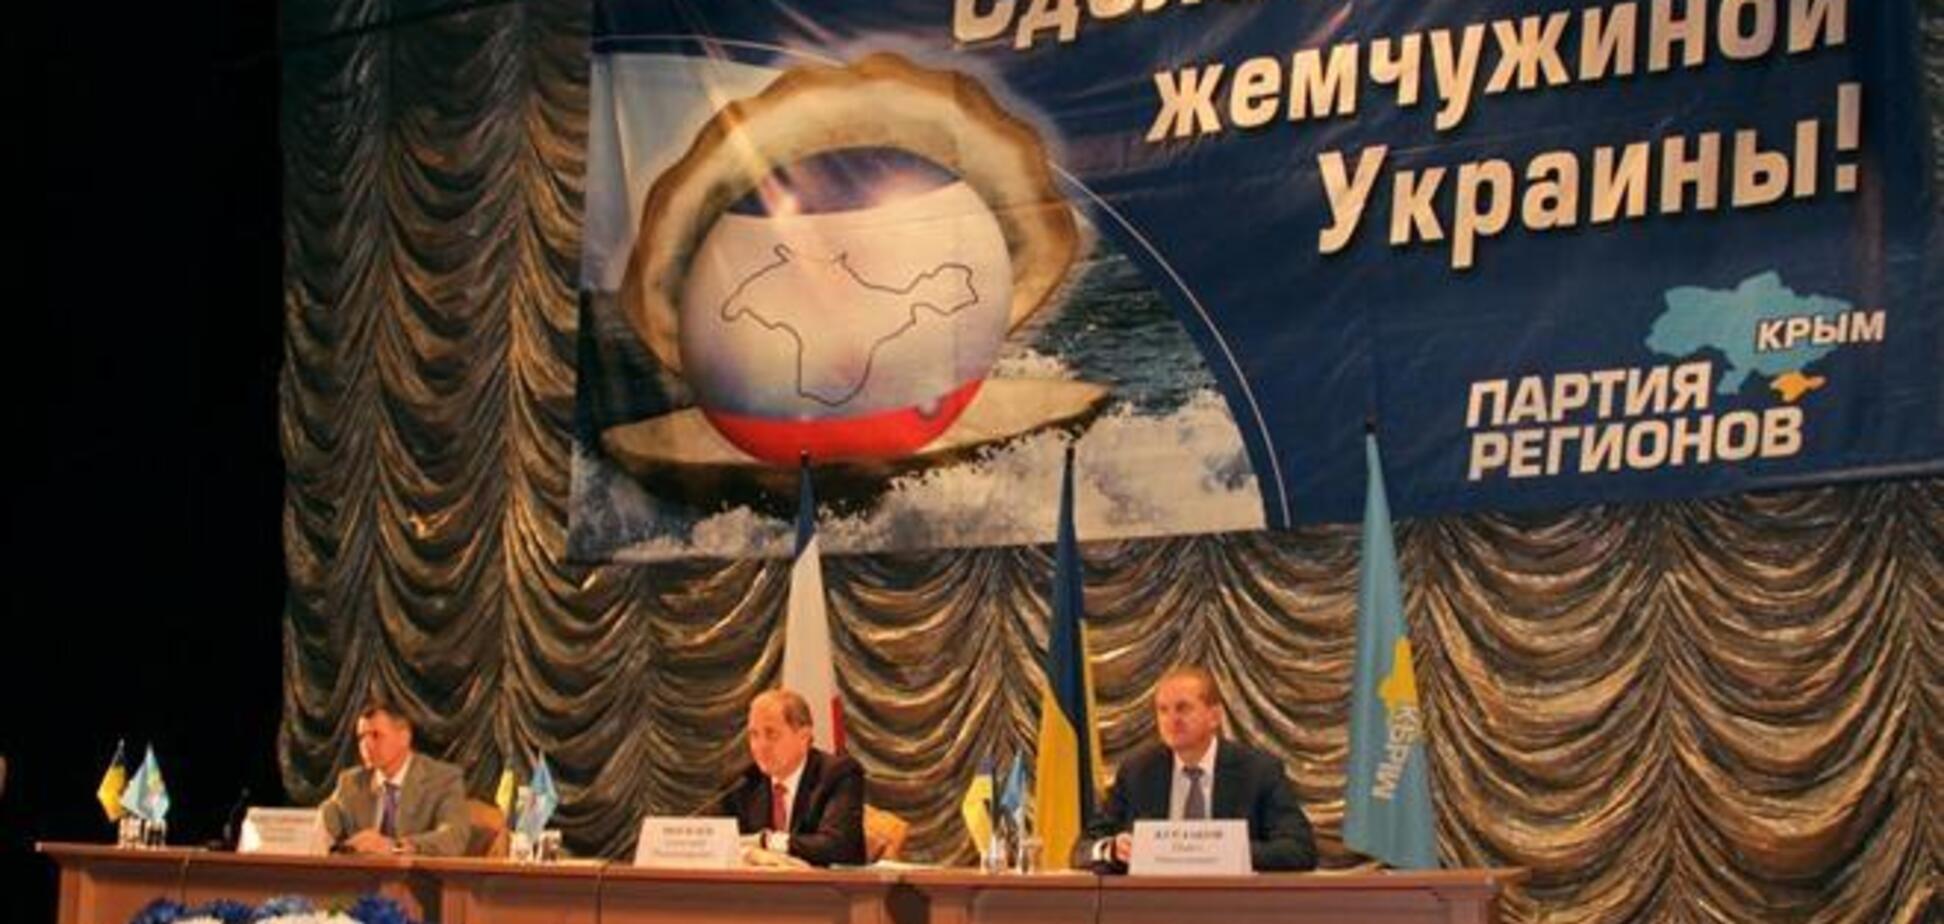 Вооруженные люди захватили главный штаб Партии регионов в Крыму